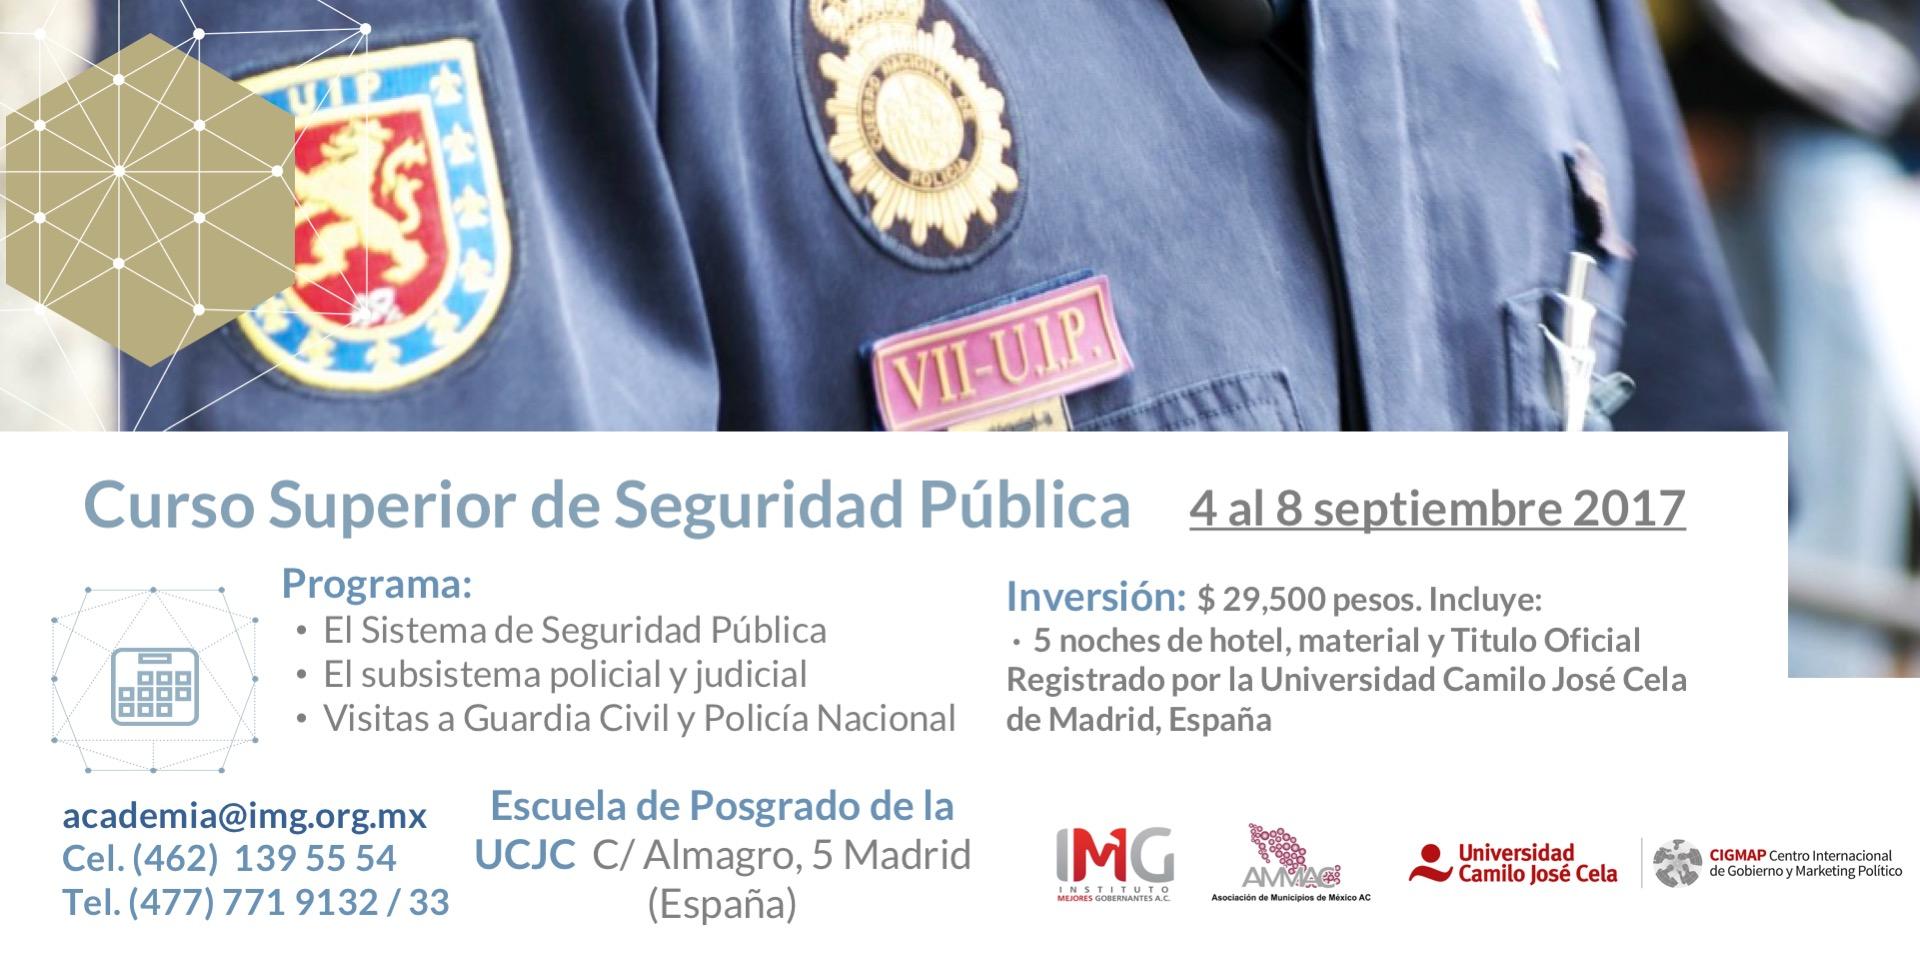 Curso de Seguridad Pública - 4 al 8 de Septiembre 2017